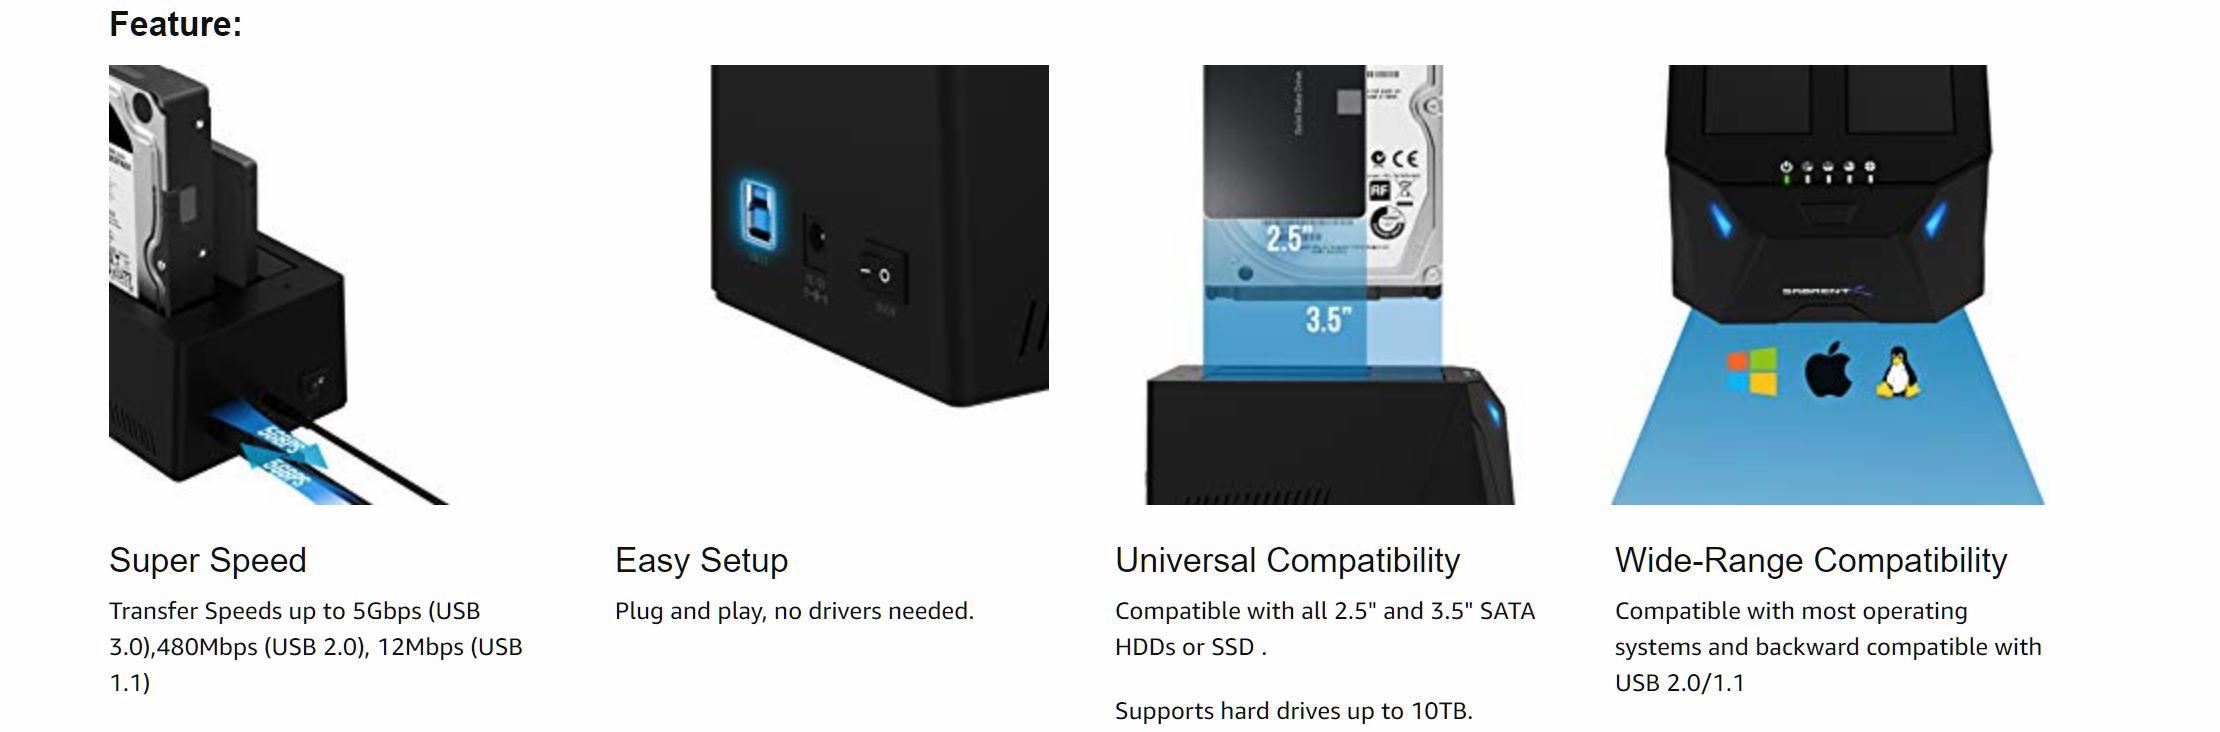 Sabrent USB 3 0 to SATA I/II/III Dual Bay Docking Station